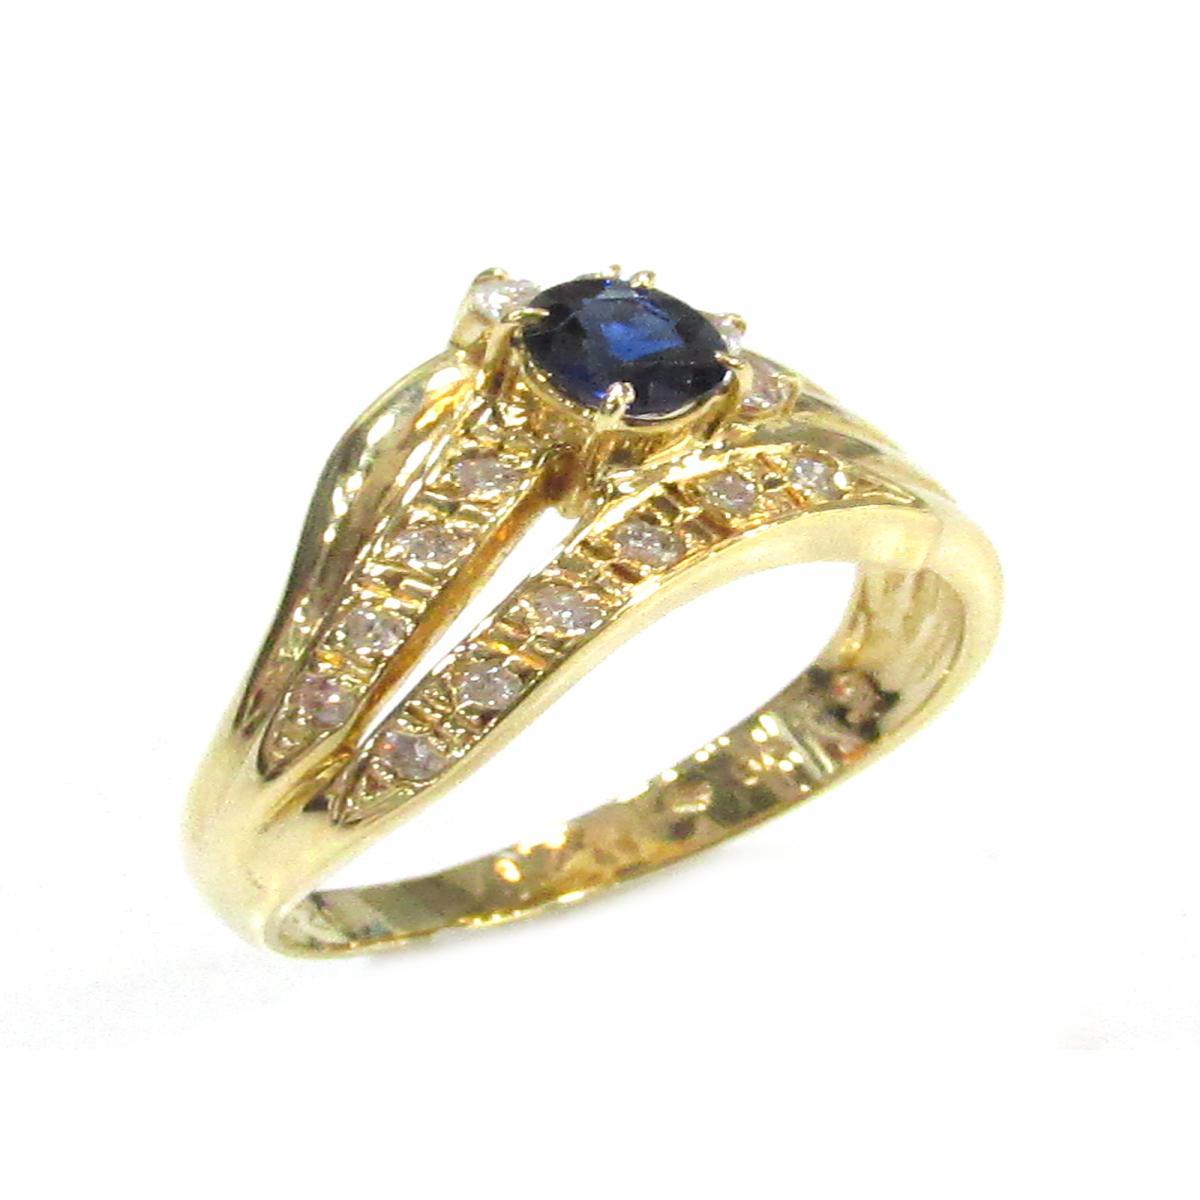 【中古】 ジュエリー サファイアリング ダイヤモンド 指輪 メンズ レディース K18YG (750) イエローゴールド × サファイア (0.35ct) × ダイヤモンド (0.20ct) | JEWELRY リング K18 18K 18金 美品 ブランドオフ BRANDOFF